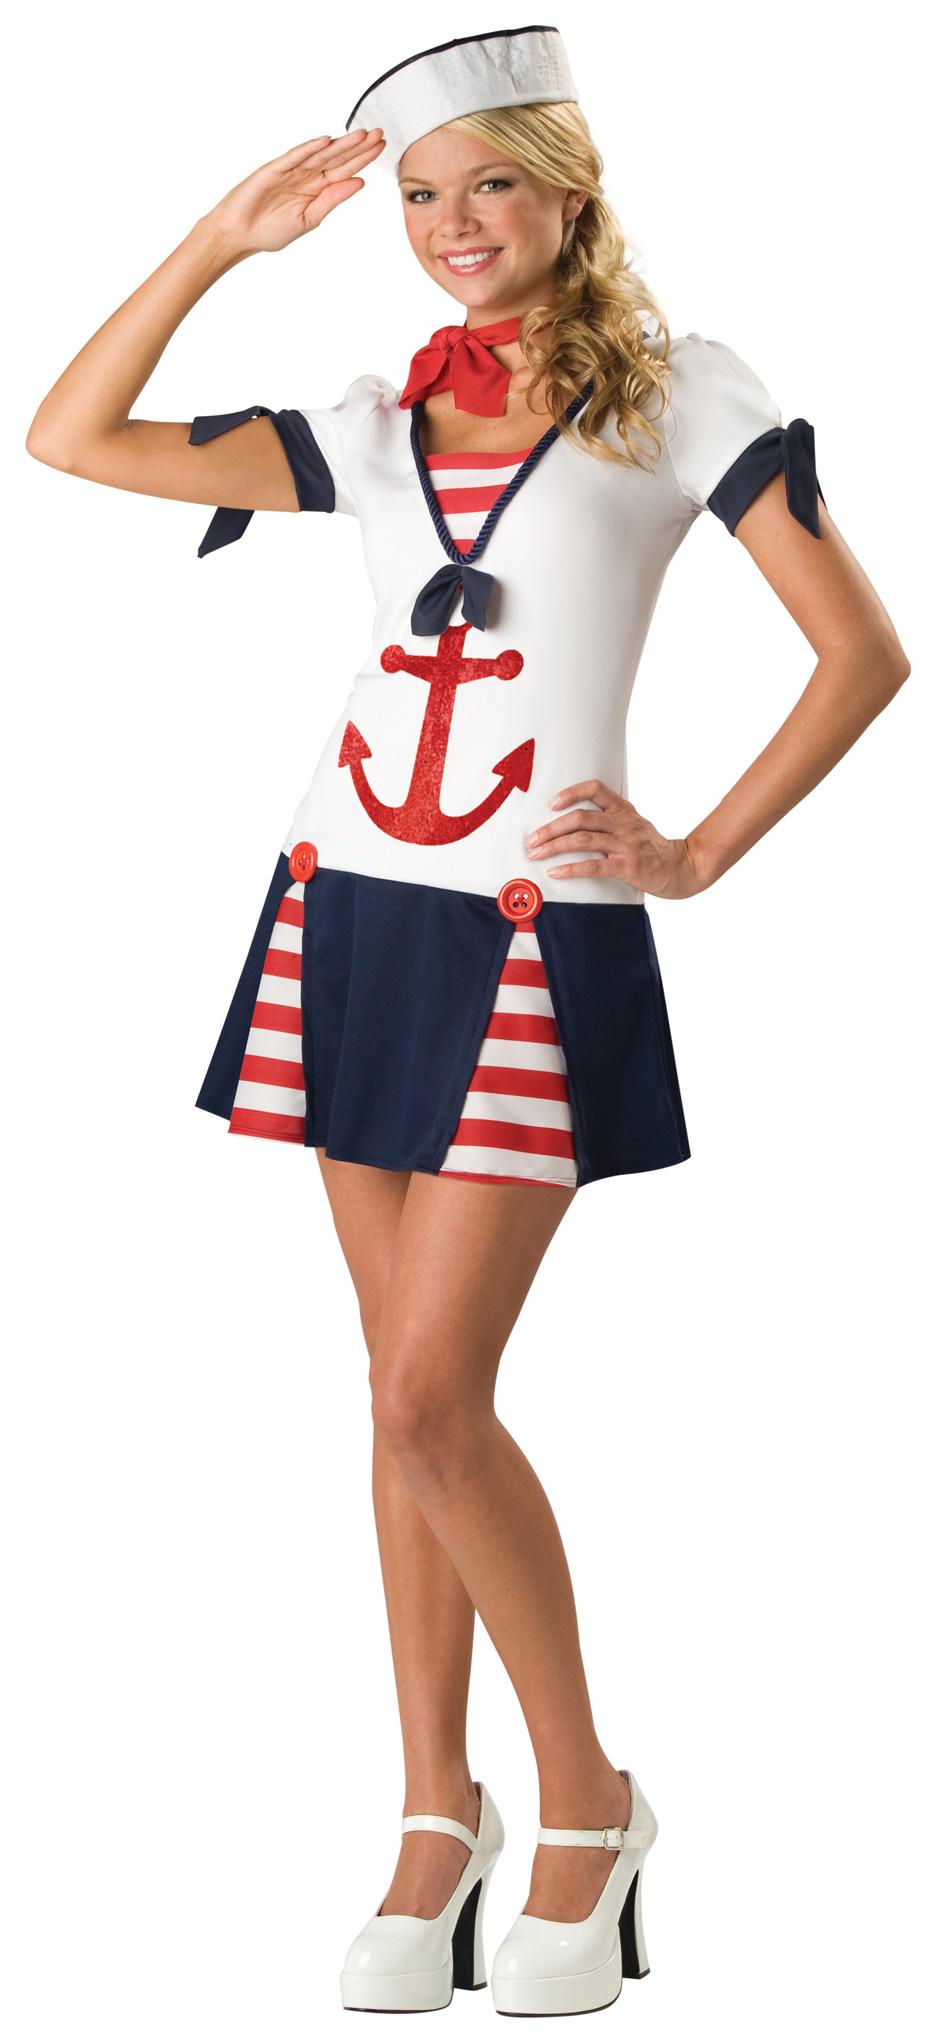 Sassy Sailor Teen Costume BuyCostumescom - Cruise ship costume